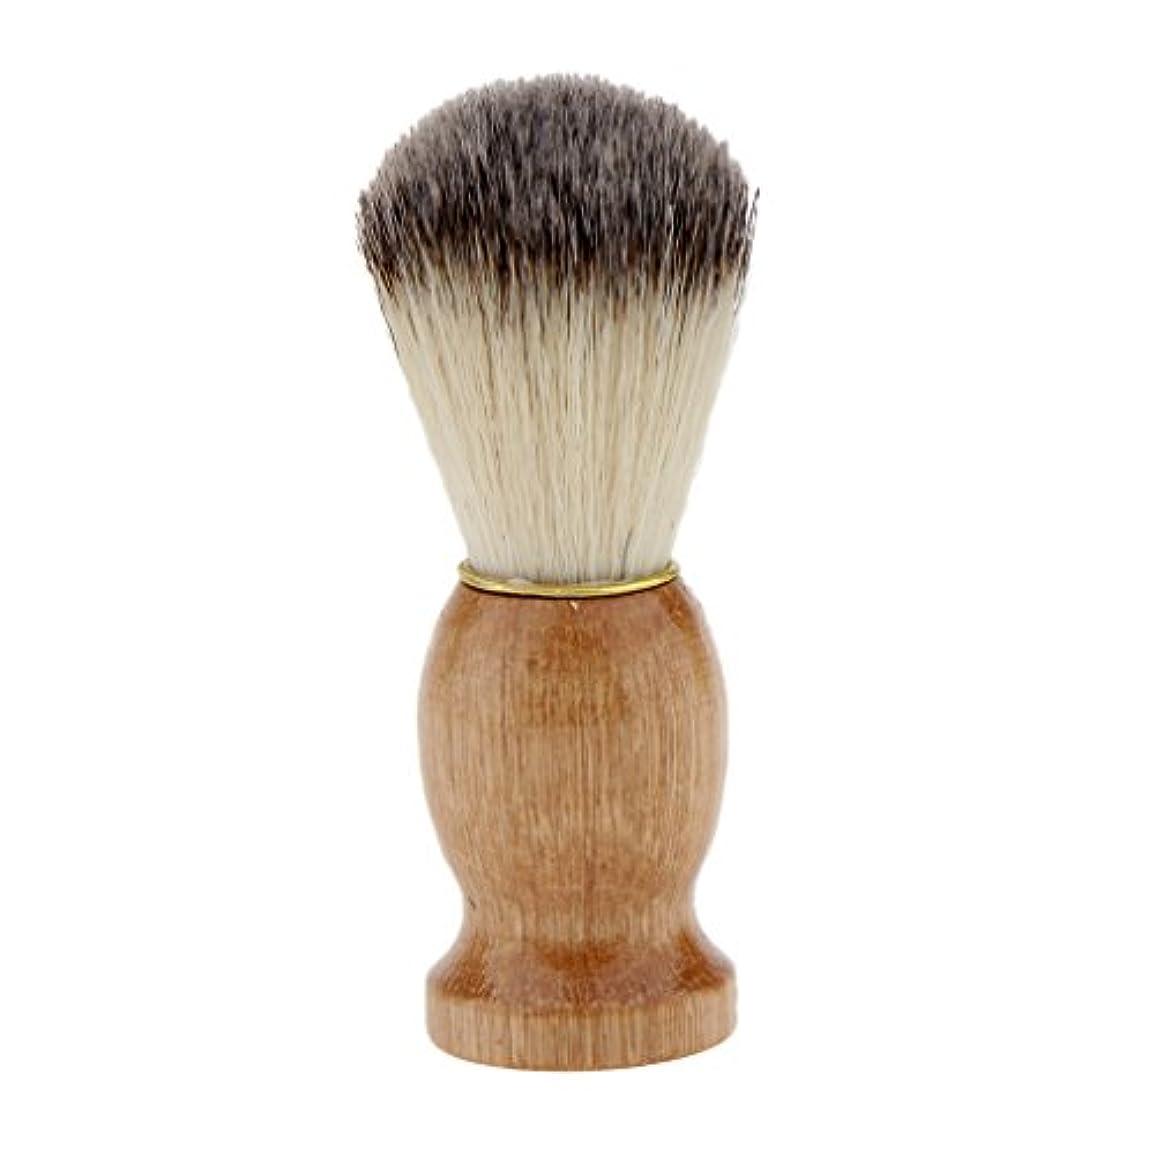 指令コジオスコ十二Baosity シェービングブラシ ひげ剃りブラシ 洗顔 コスメブラシ 木製ハンドル メンズ 高品質 プレゼント